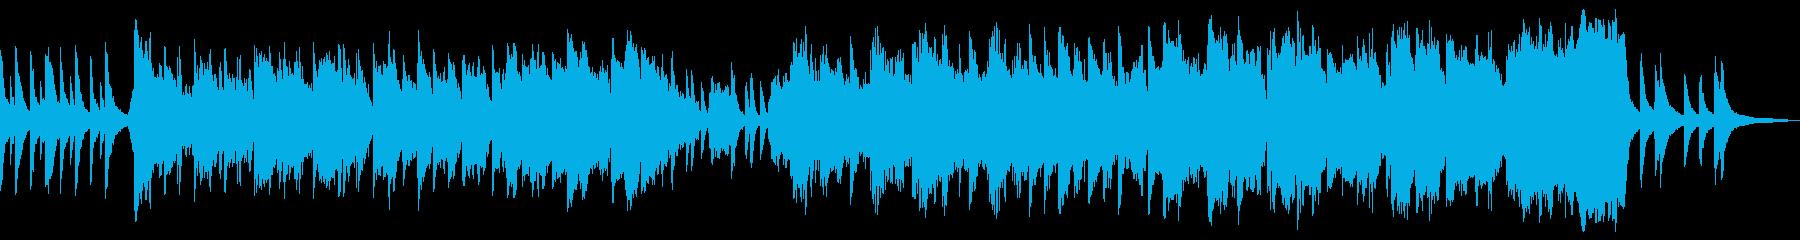 神聖な森のイメージの再生済みの波形